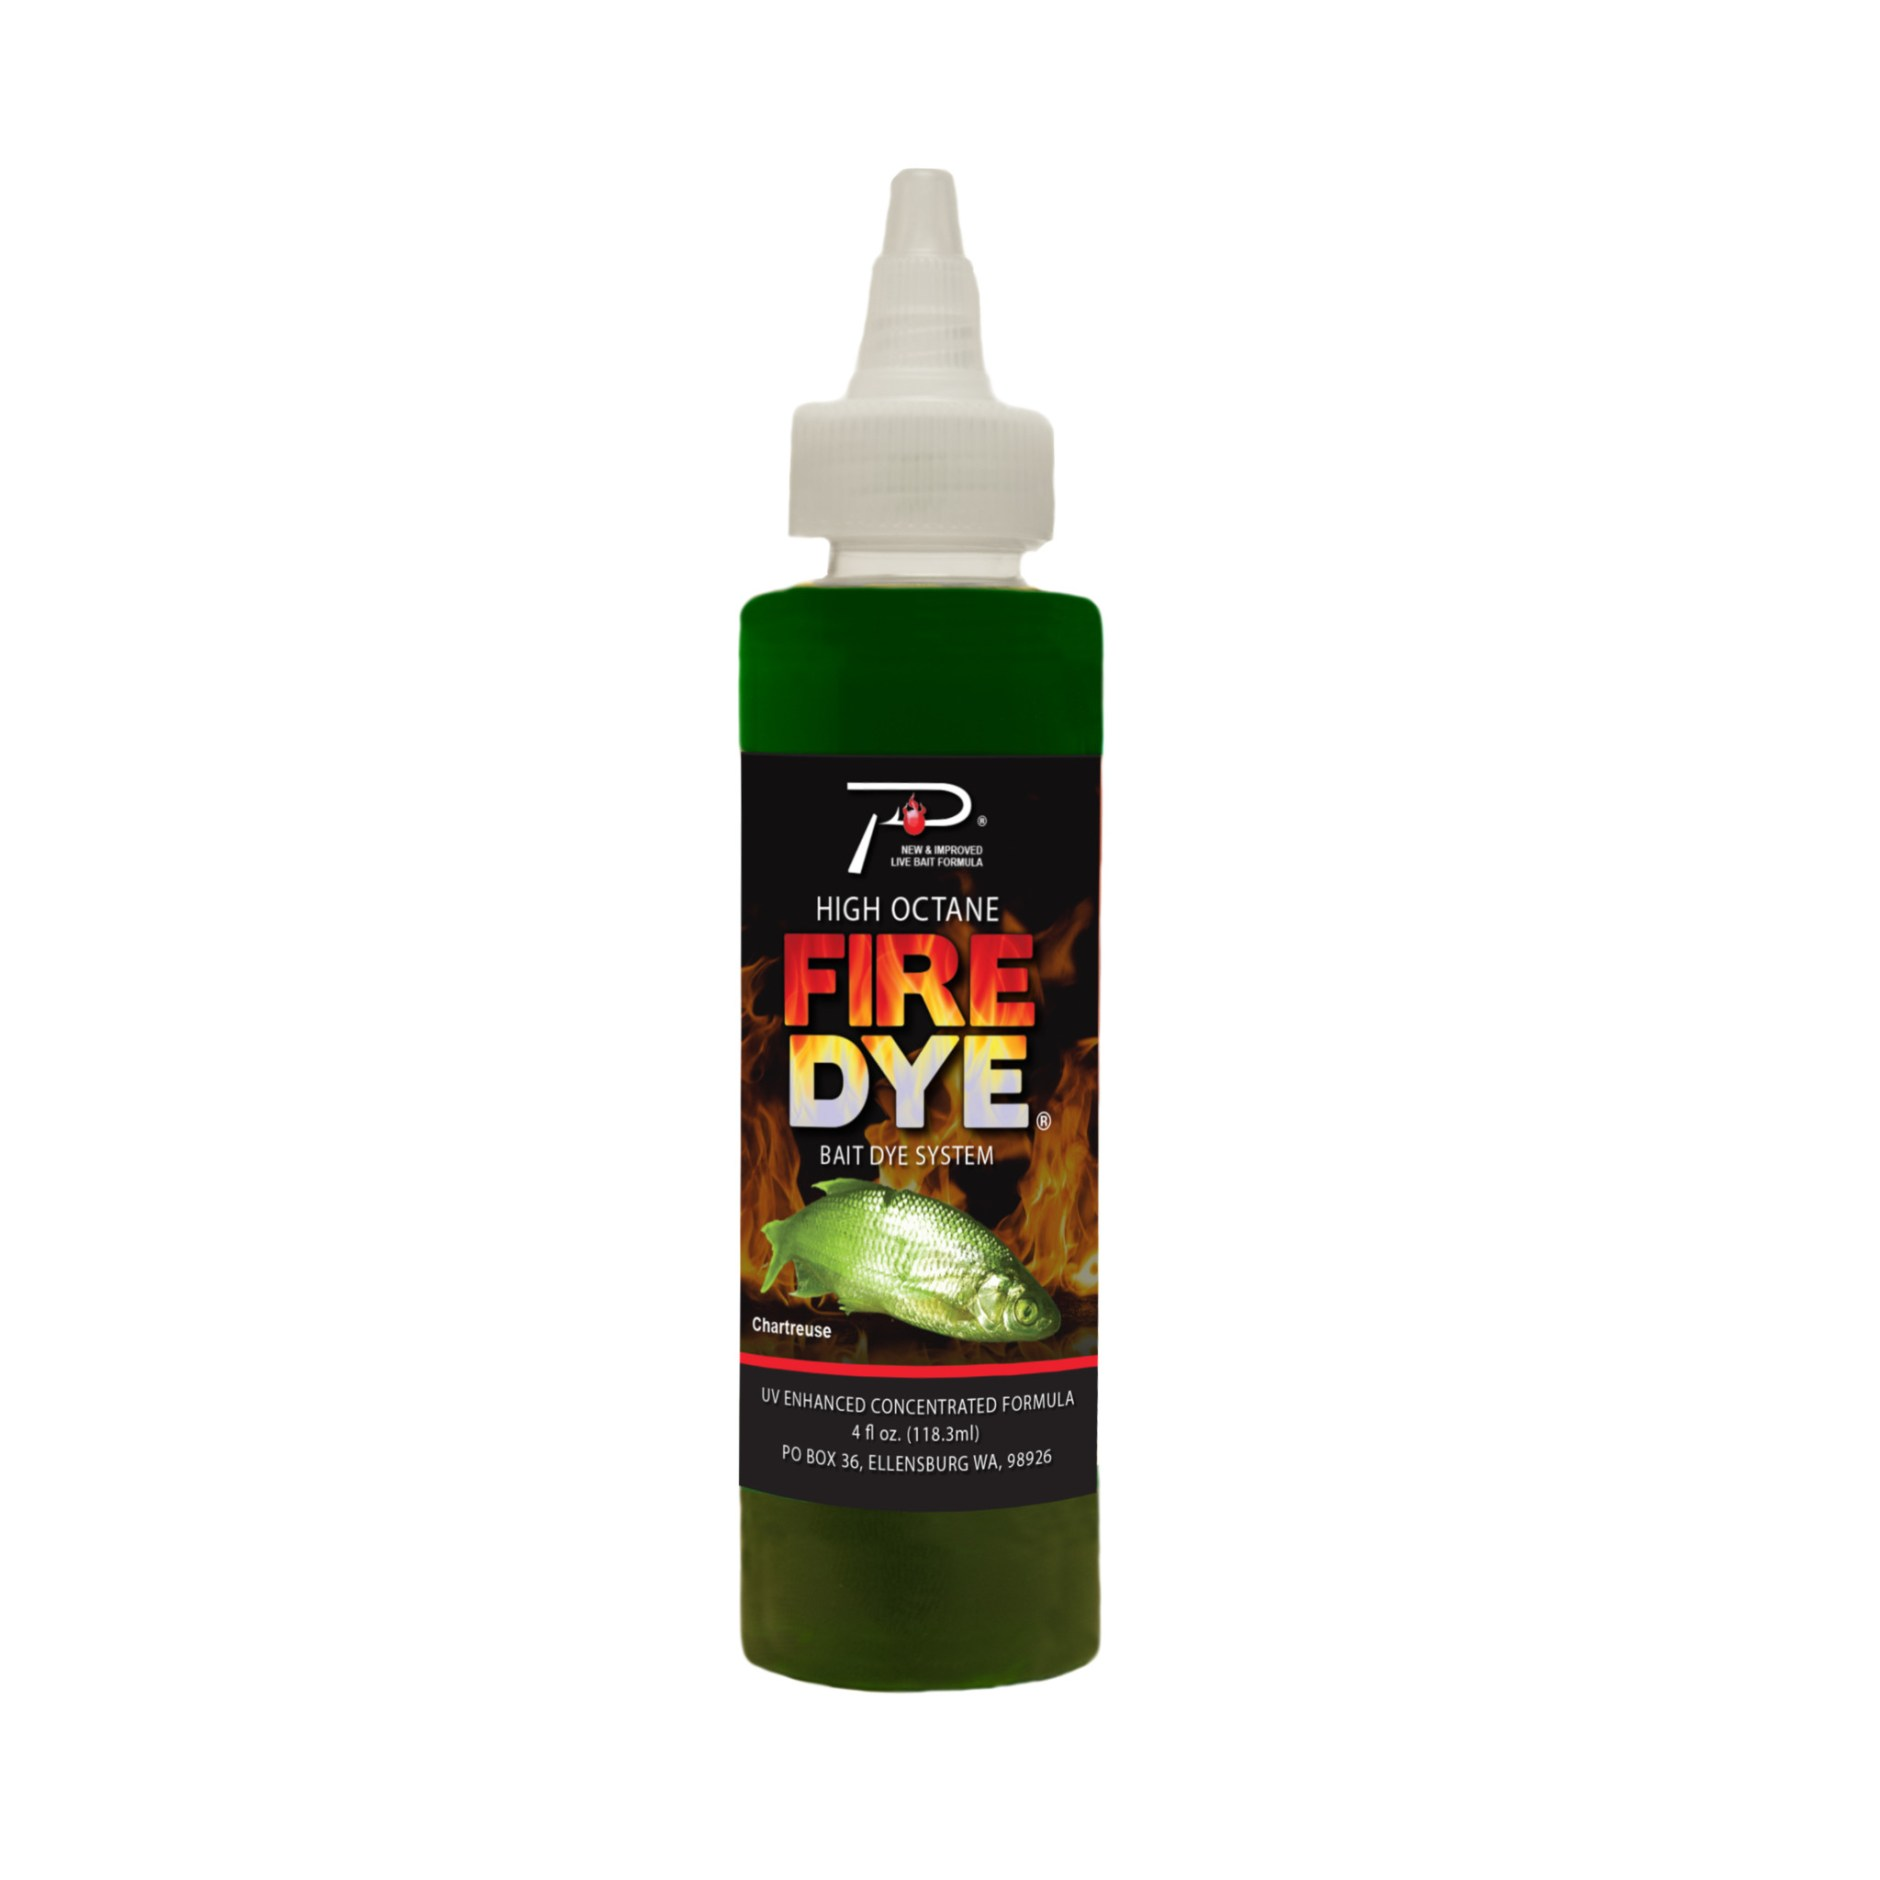 Pautzke Fire Dye